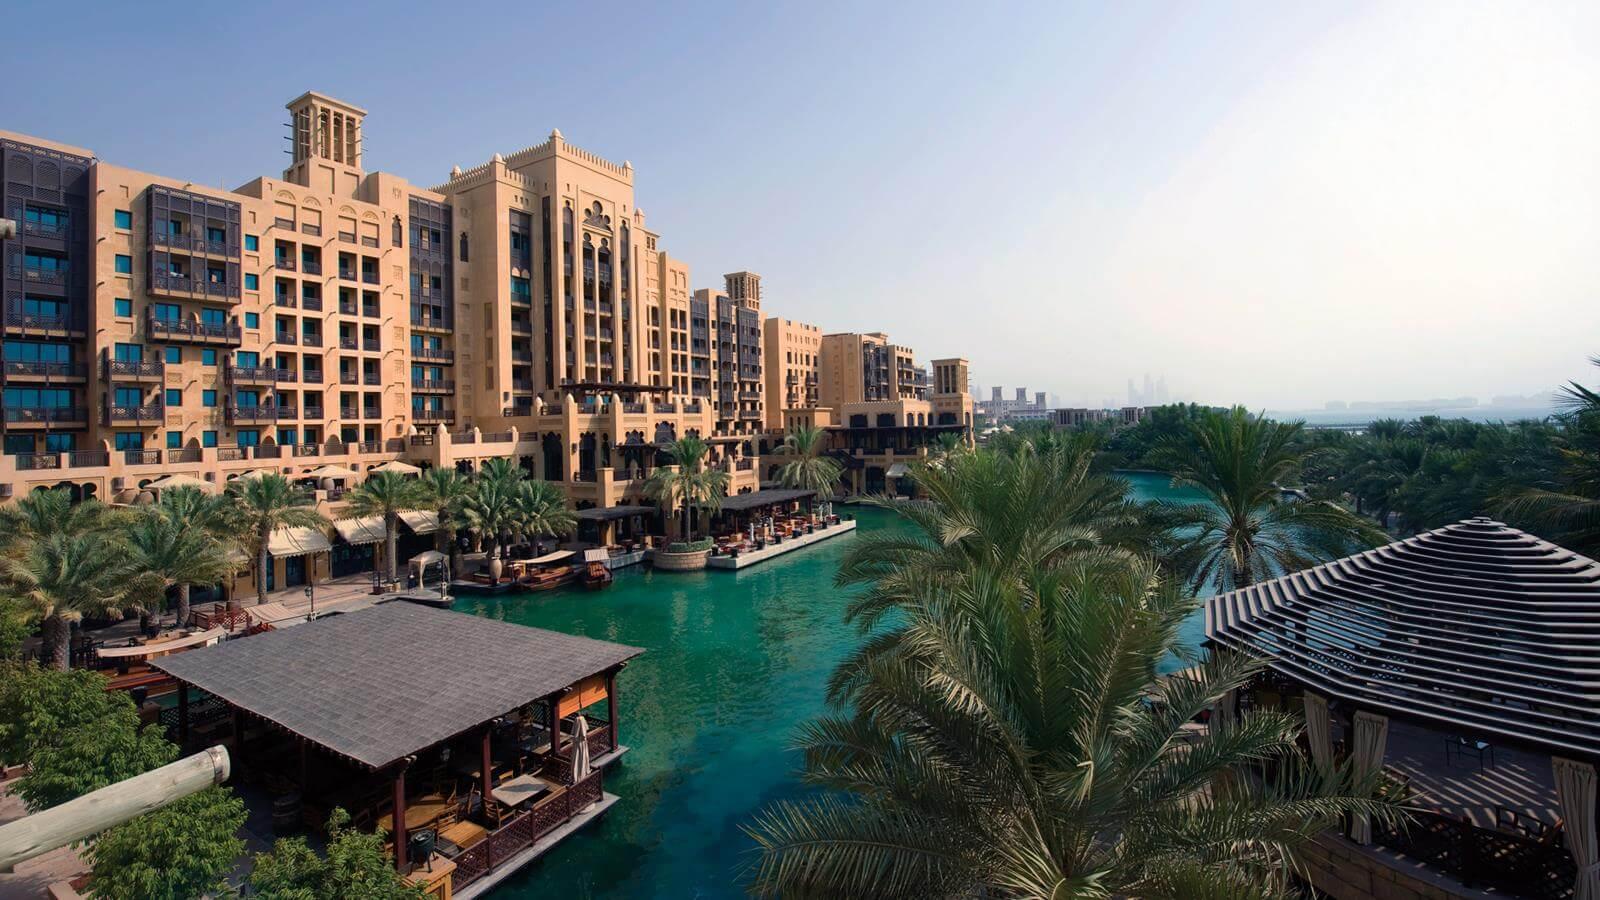 Отель Jumeirah Mina A'Salam — Madinat Jumeirah